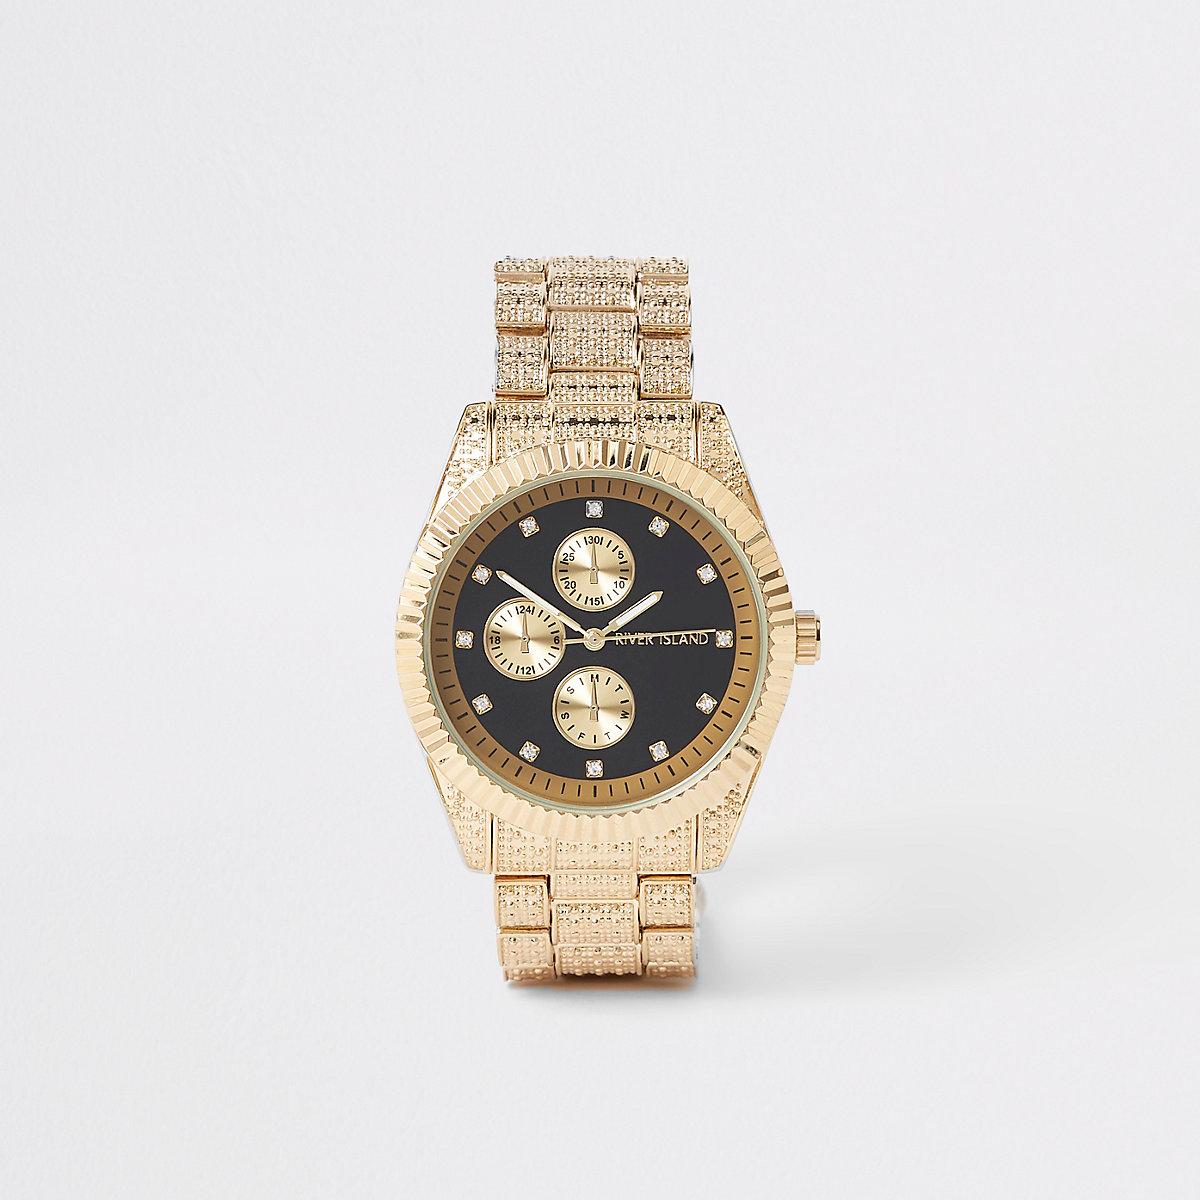 Gold tone rhinestone encrusted watch